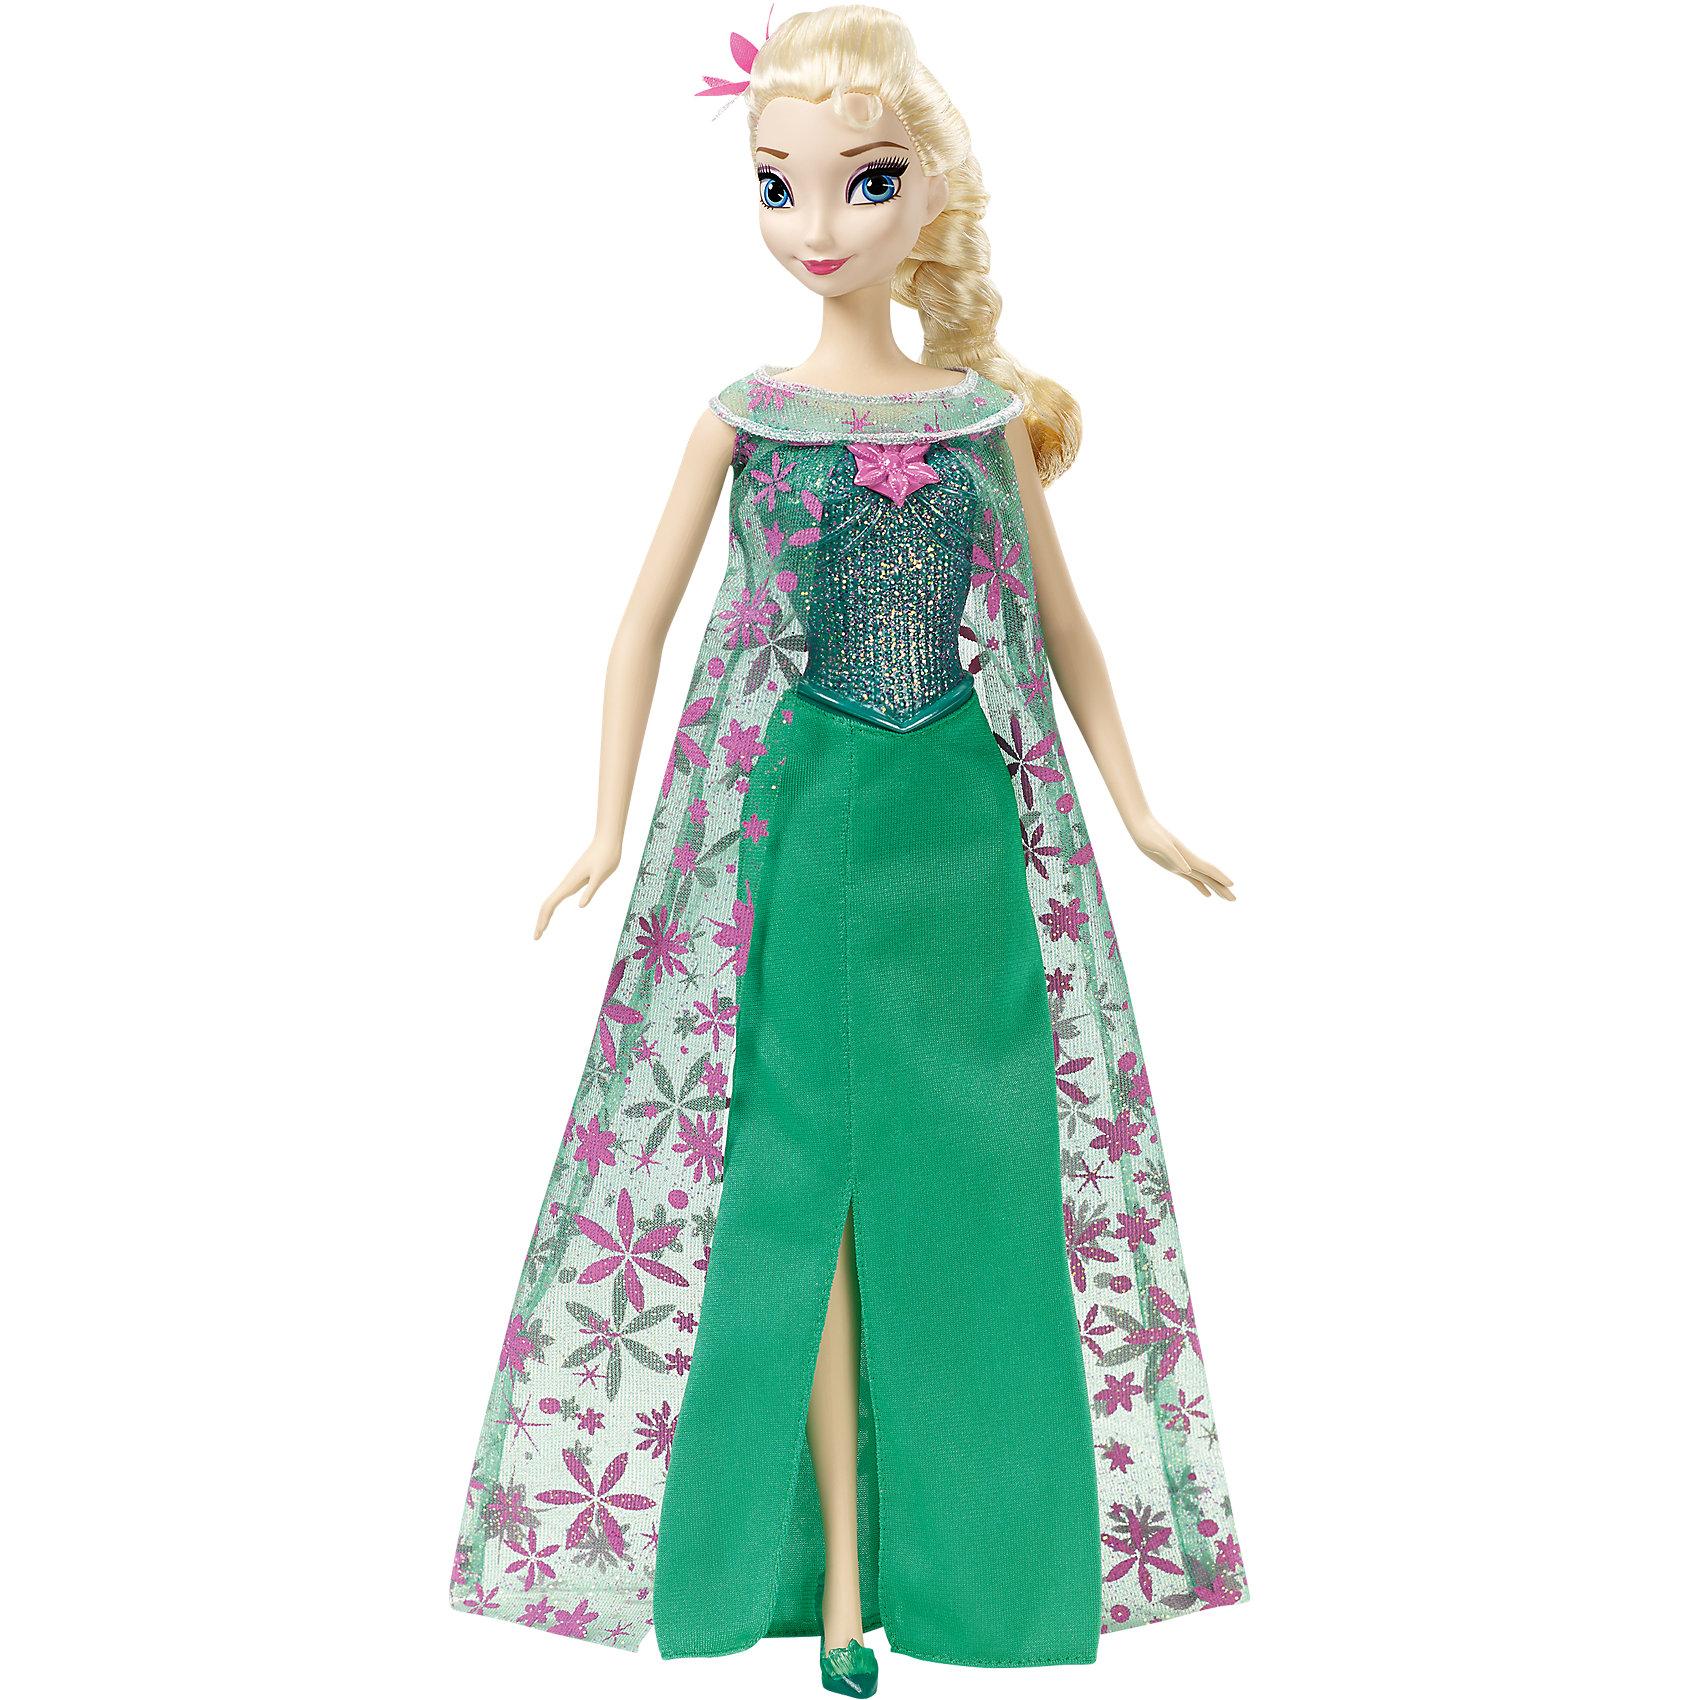 Кукла Эльза из м/ф Холодное Сердце: Холодное торжество, со звуком, Принцессы ДиснейКукла Эльза, Холодное сердце, Принцессы Дисней, станет прекрасным подарком для всех поклонниц популярного диснеевского мультфильма Frozen. Внешний вид куклы полностью соответствует своей героине из мультфильма. У Эльзы длинные светлые волосы, заплетенные в толстую косу. Она одета в роскошное зеленое платье с переливающимся корсетом, сверху ее покрывает длинная полупрозрачная накидка с розовыми узорами, на ножках изящные туфельки в тон платья. На груди у Эльзы розовый кулон, нажав на который, Вы услышите песню из мультфильма на английском языке. У куклы подвижные руки и ноги. Игрушка выполнена из качественных материалов, которые абсолютно безопасны для детского здоровья. <br><br>Дополнительная информация:<br><br>- Материал: пластик, текстиль.<br>- Требуются батарейки:  3 x AG13 / LR44 (входят в комплект).<br>- Высота куклы: 28 см.<br>- Размер упаковки: 33 x 21 x 6 см.  <br>- Вес: 0,3 кг. <br><br>Куклу Эльзу из м/ф Холодное Сердце: Холодное торжество, со звуком, Принцессы Дисней, можно купить в нашем интернет-магазине.<br><br>Ширина мм: 332<br>Глубина мм: 203<br>Высота мм: 60<br>Вес г: 276<br>Возраст от месяцев: 36<br>Возраст до месяцев: 72<br>Пол: Женский<br>Возраст: Детский<br>SKU: 4132317